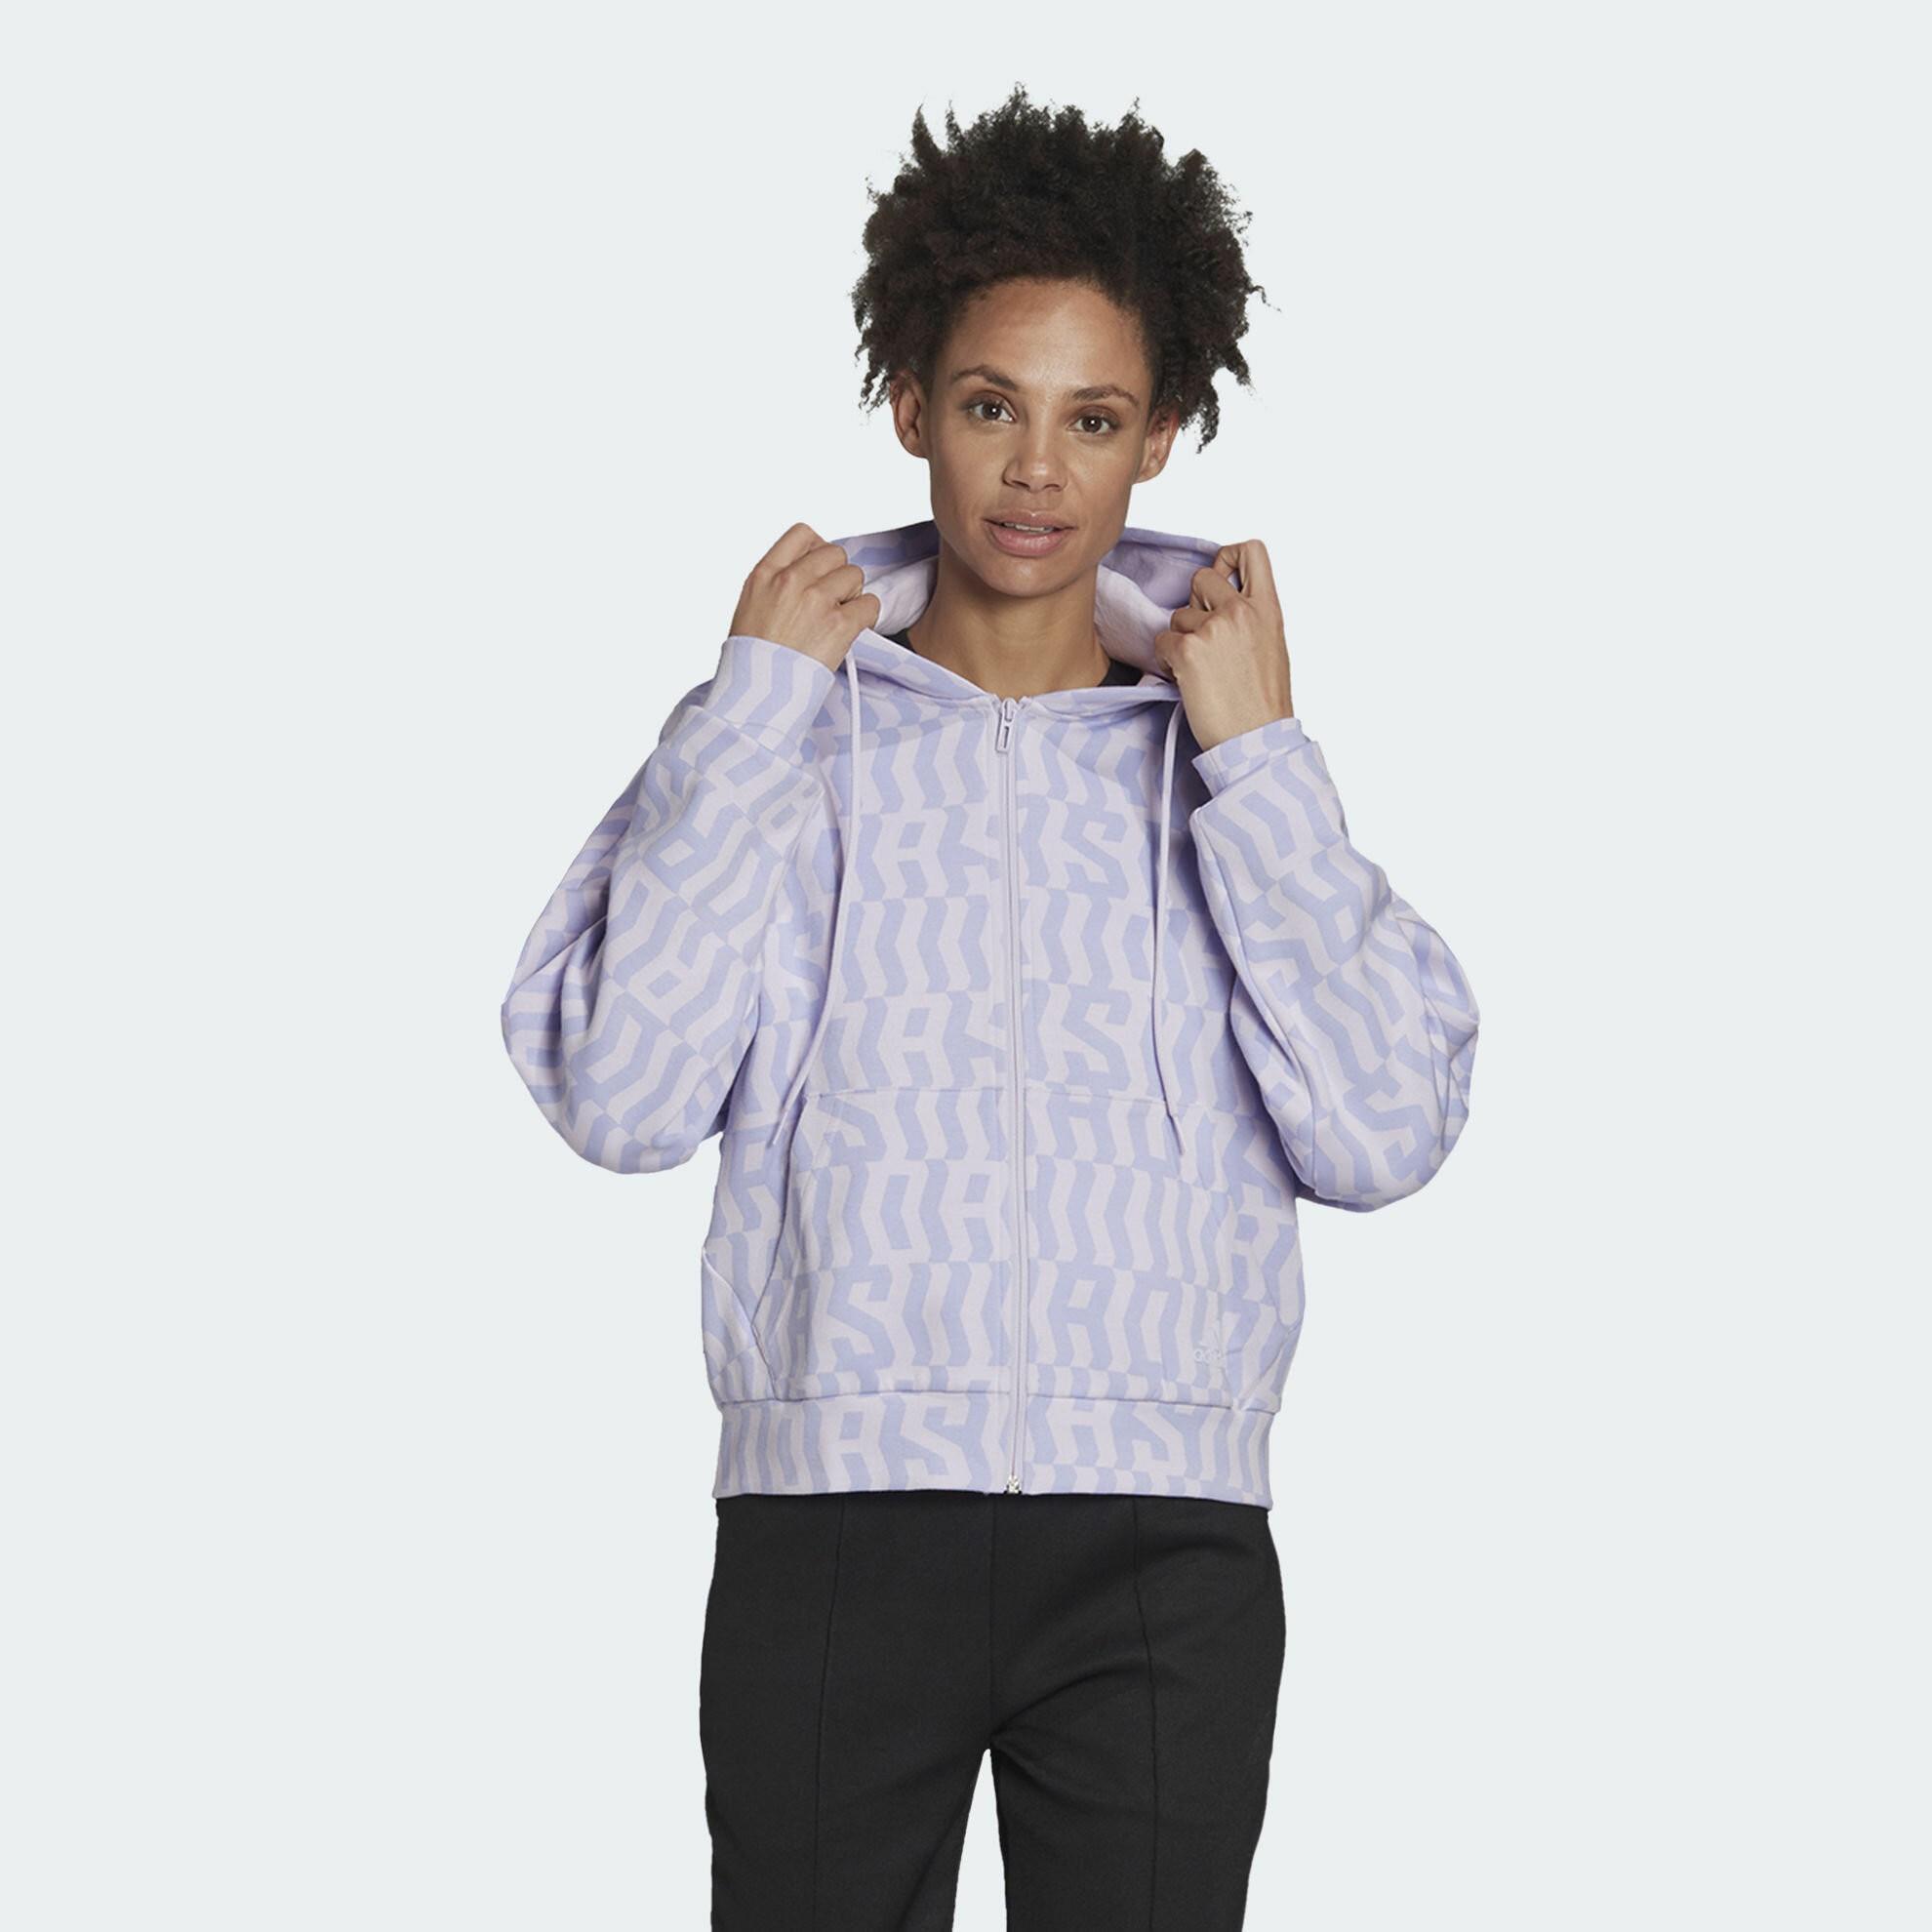 أشكال ملابس رياضية-ملابس ملونة